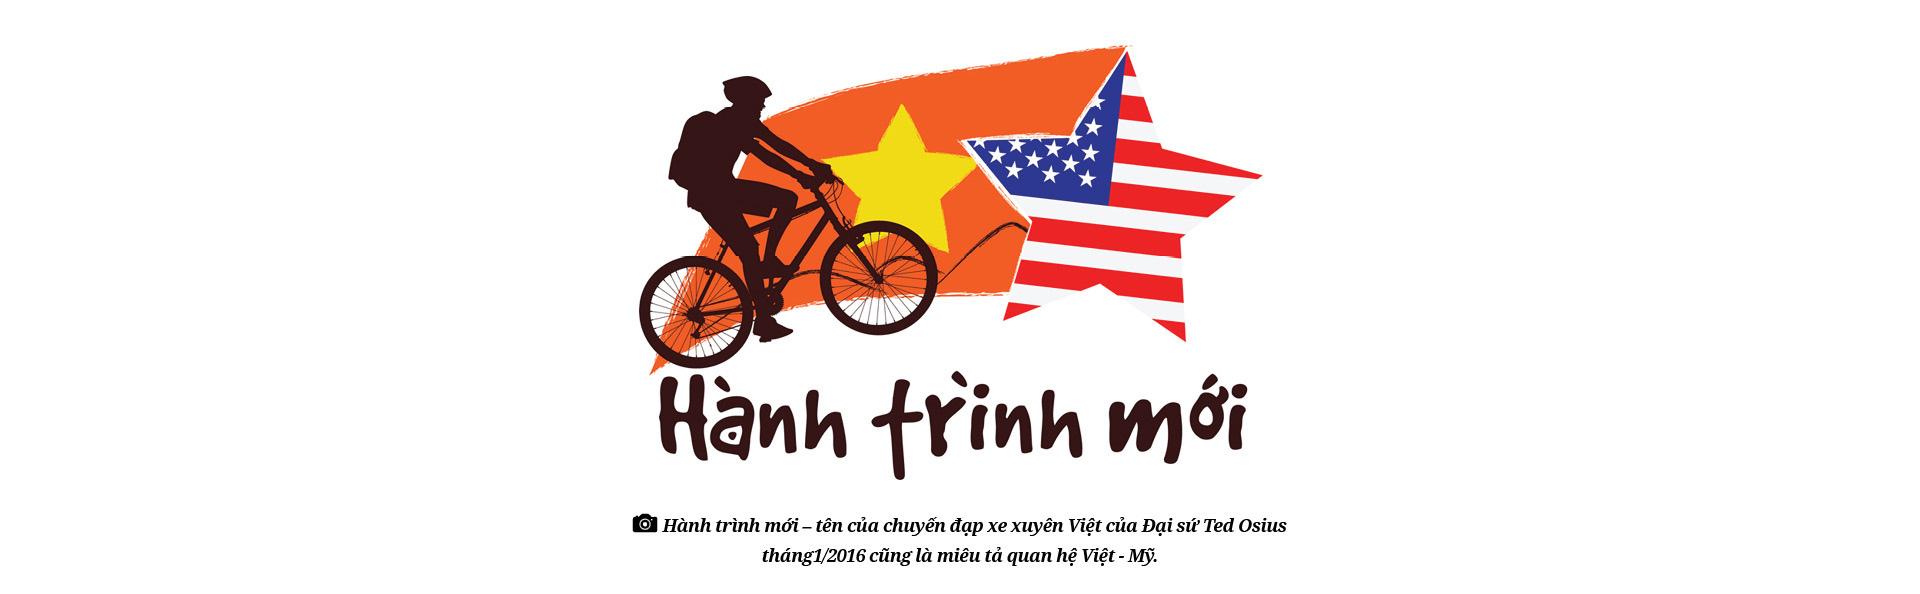 Cựu Đại sứ Mỹ tại Việt Nam Ted Osius: Hòa giải Việt Mỹ - Không gì là không thể - Ảnh 12.